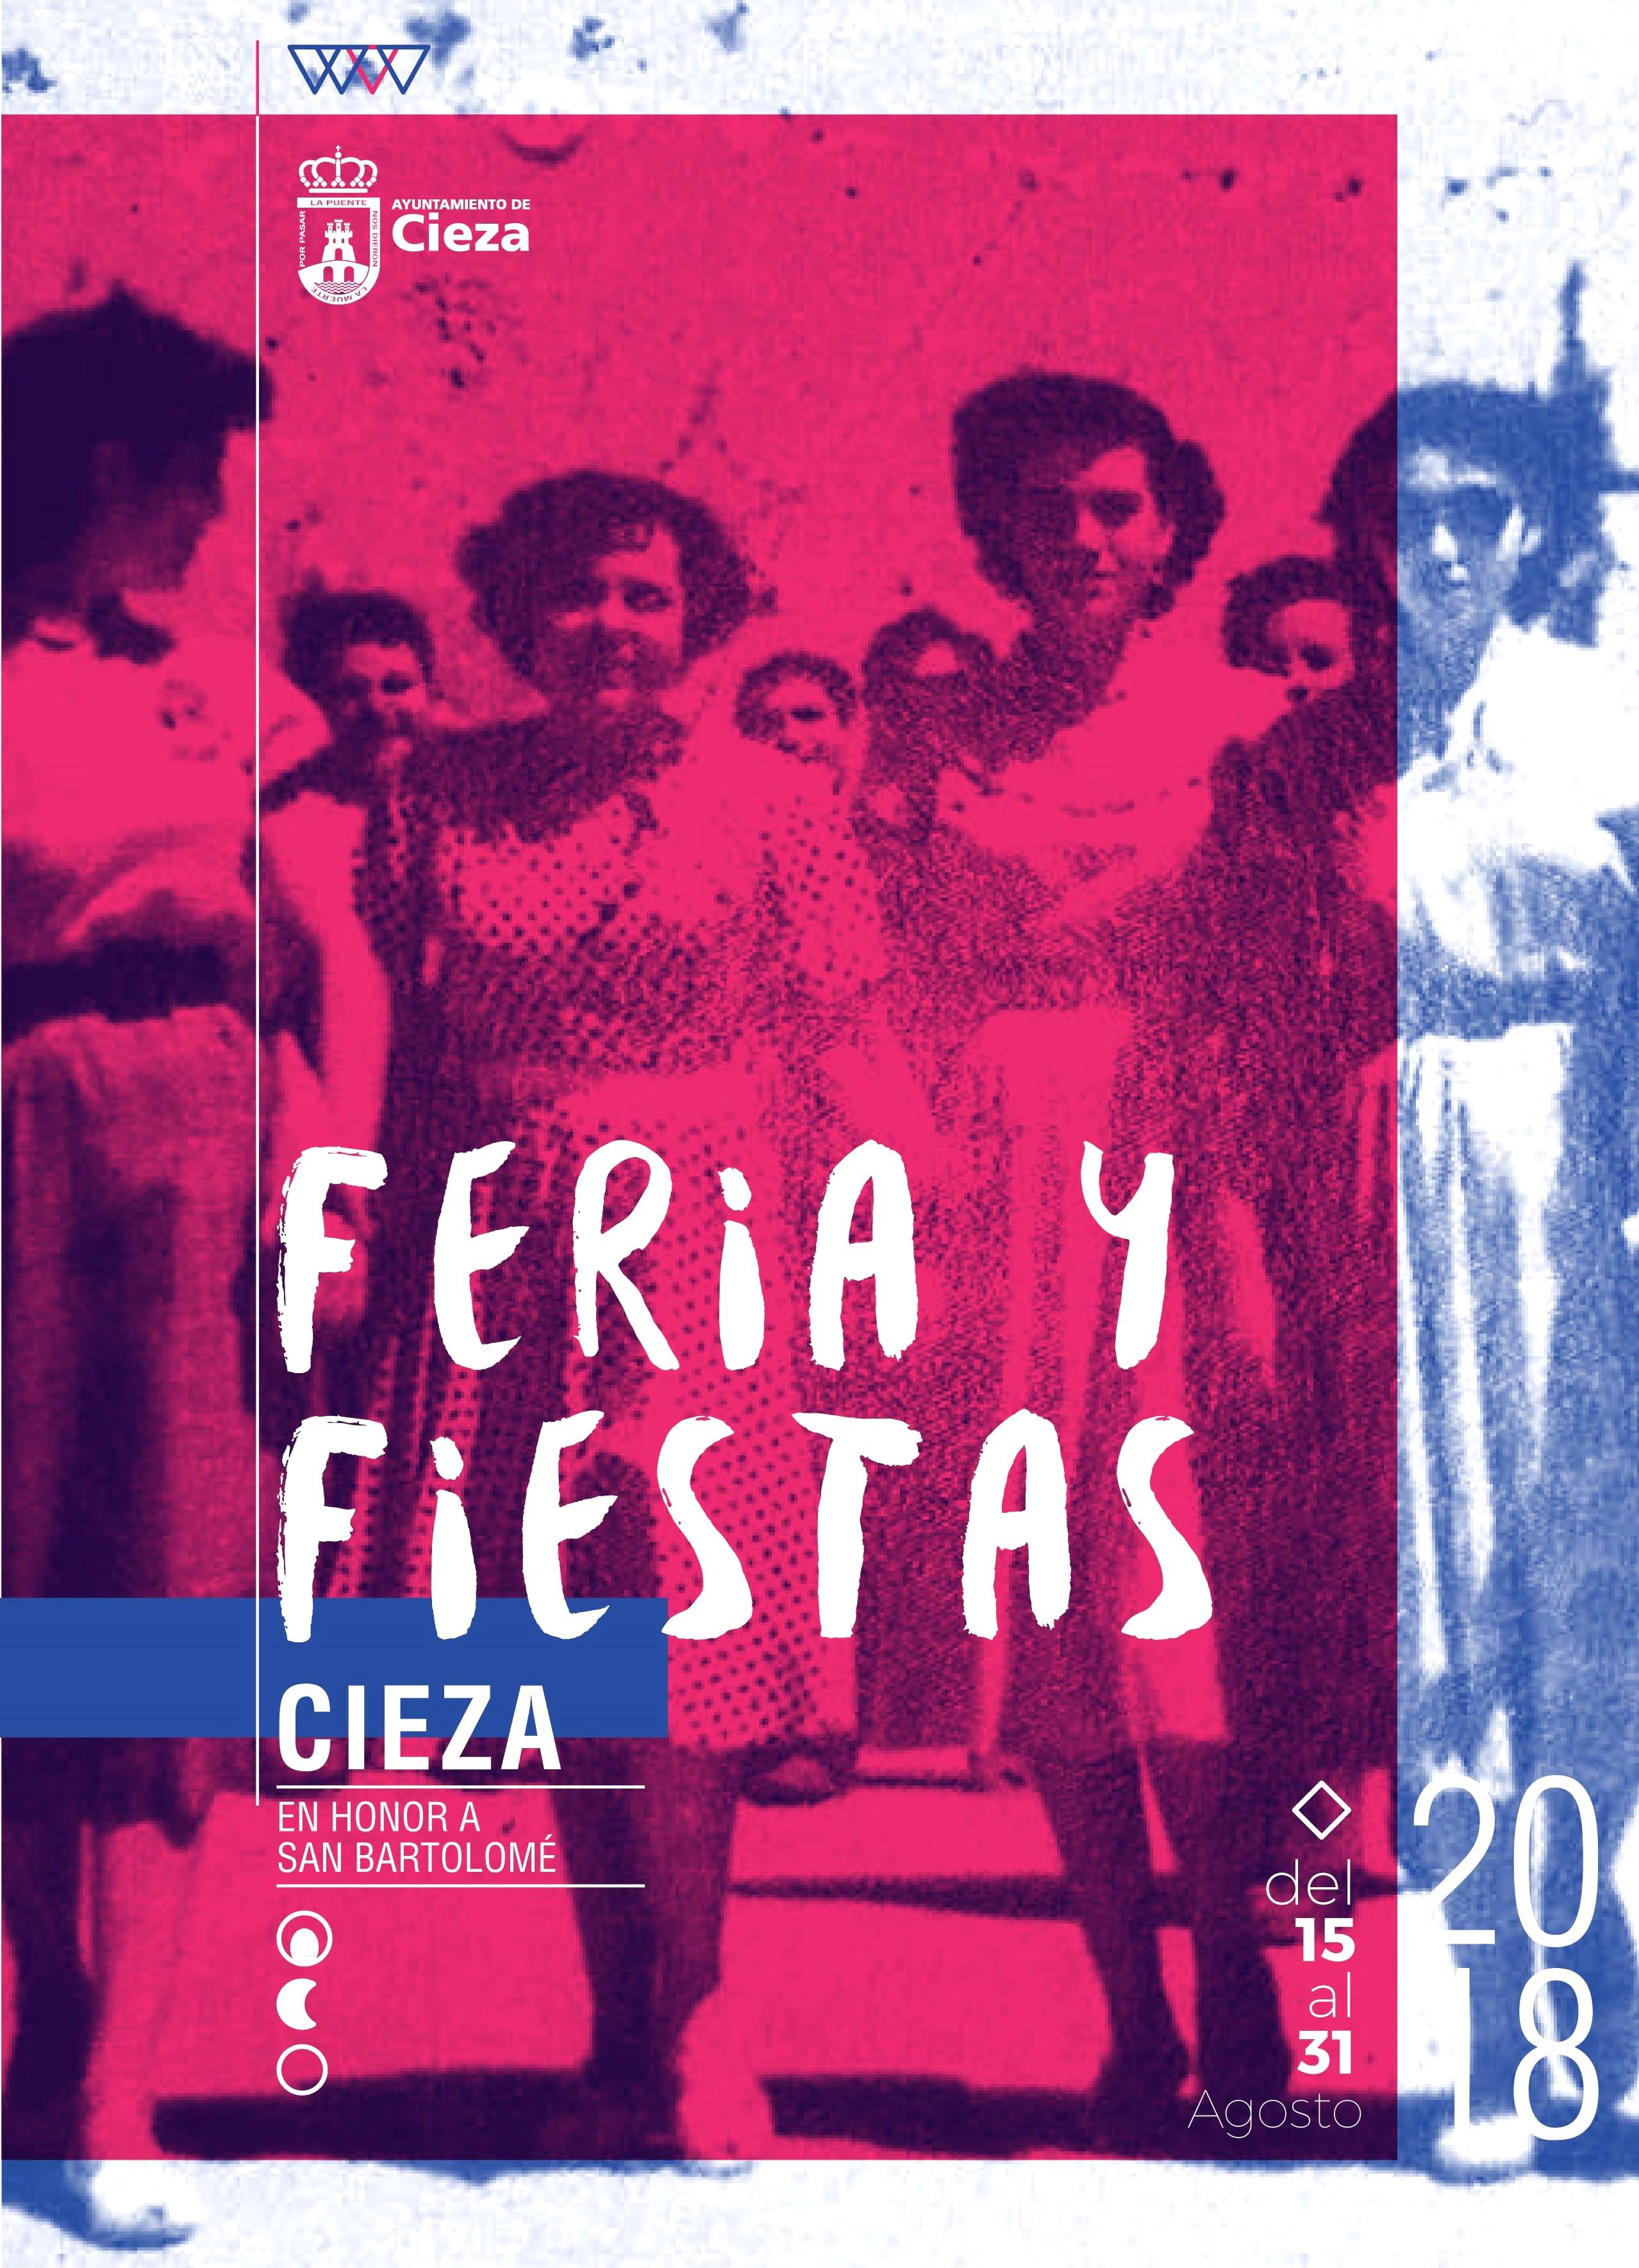 Imagen de portada del Programa Feria y Fiestas 2018 de Cieza.